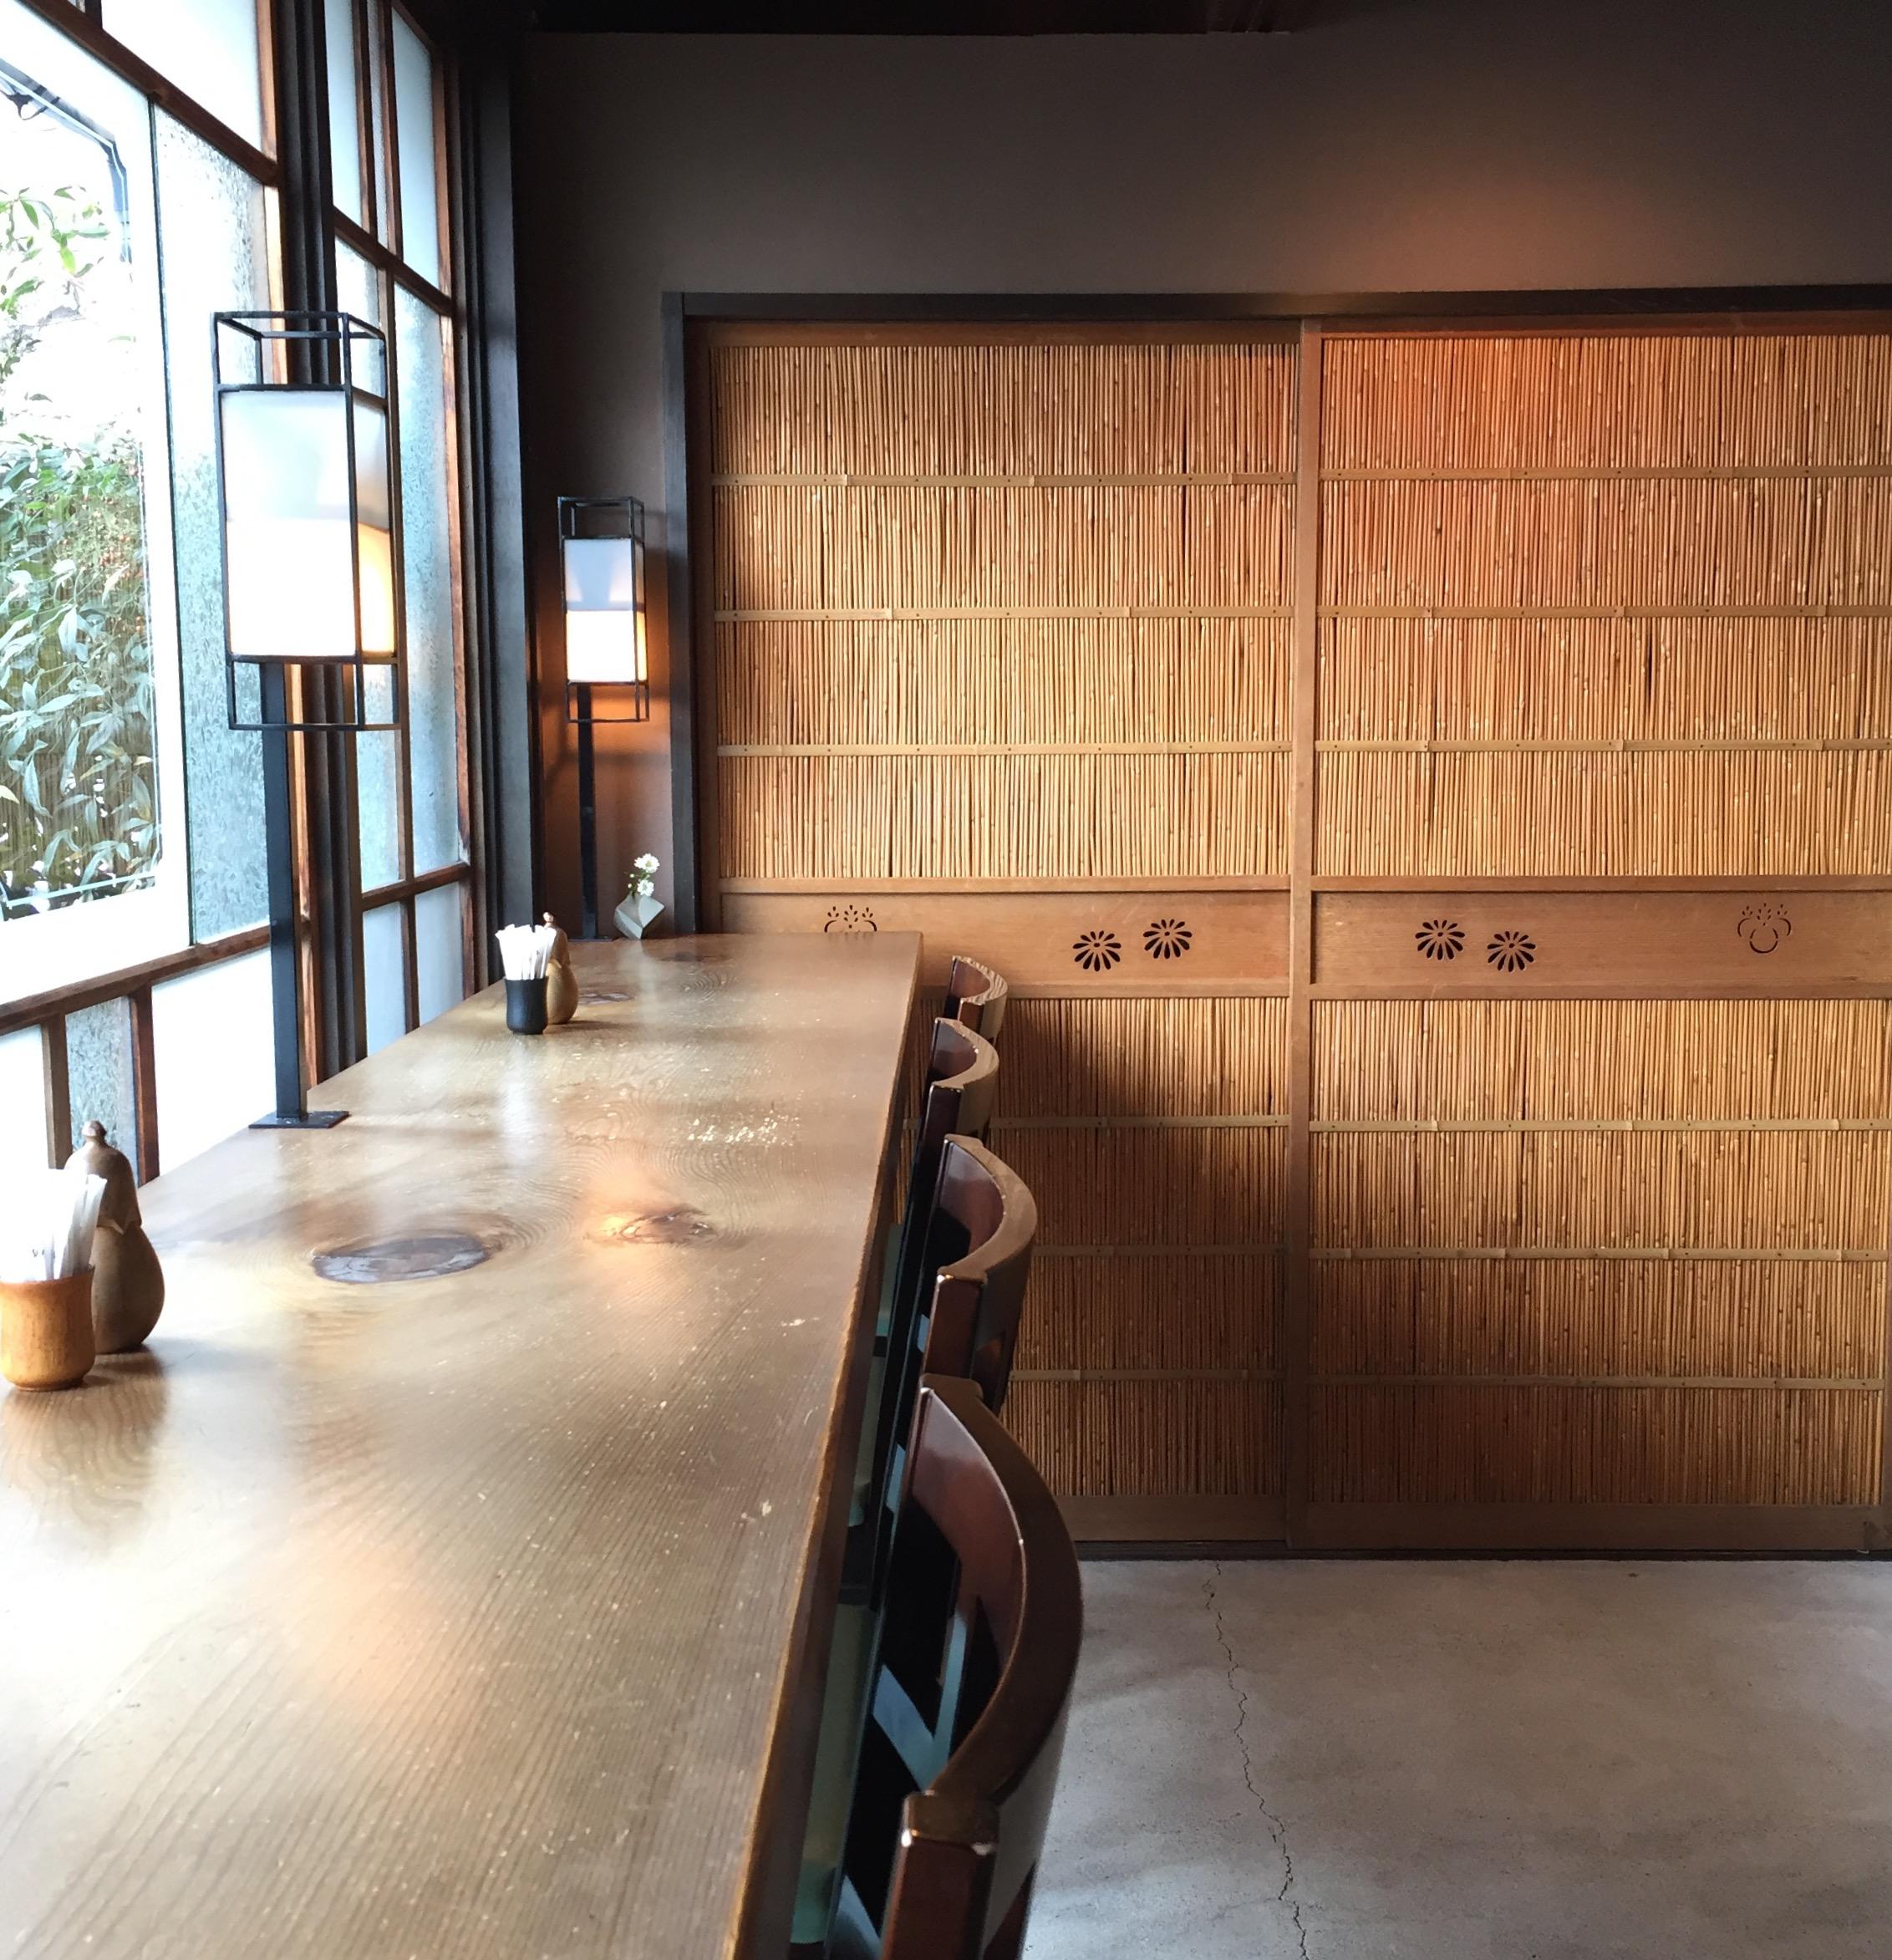 名東区高針|暖簾をくぐると予想を上回るモダンでレトロな雰囲気が広がるノスタルジックなお蕎麦屋さんだった!